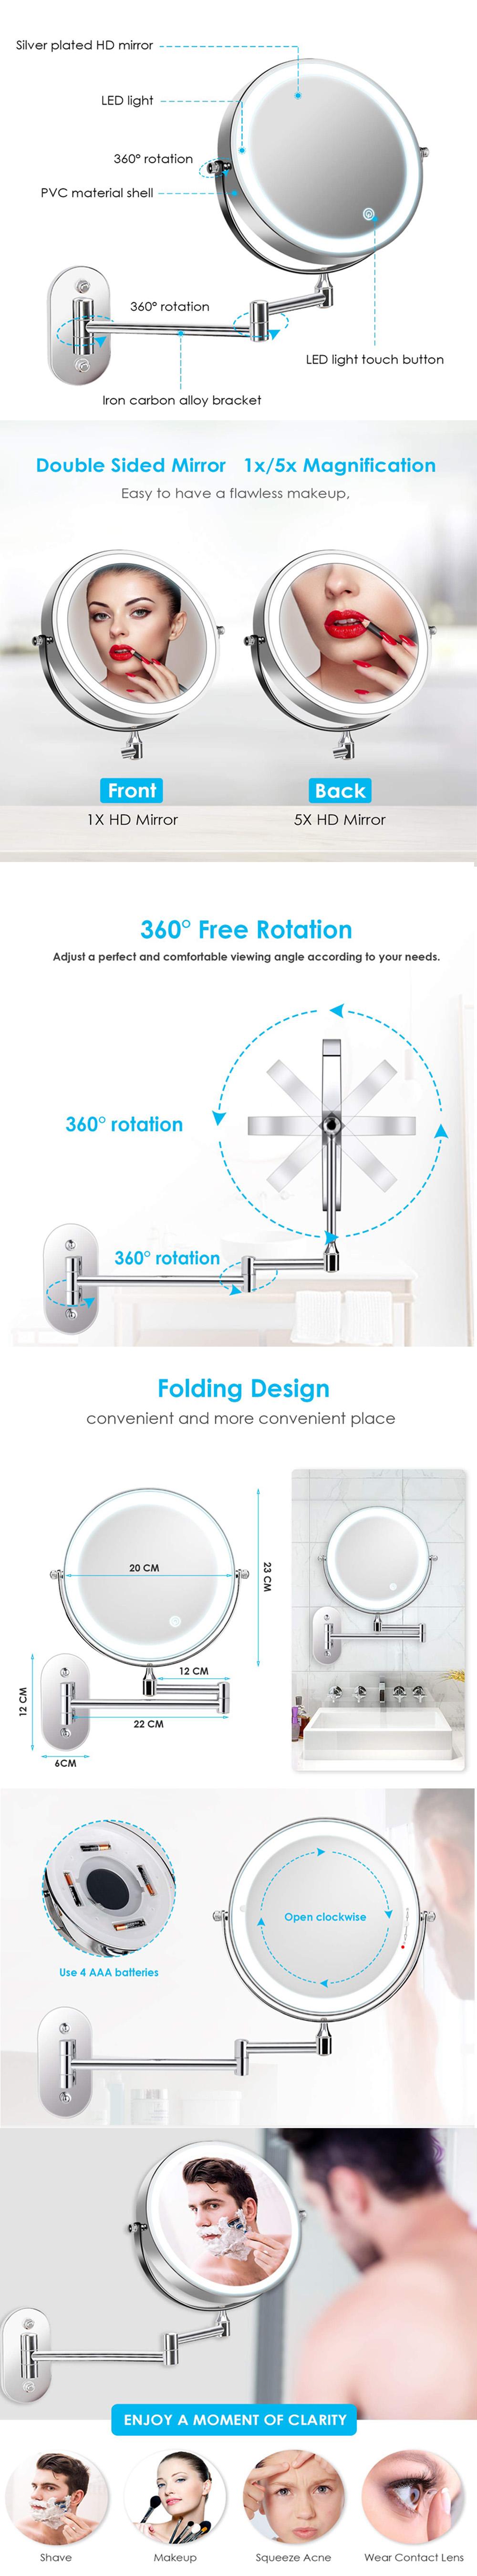 8 인치 터치 센서 양면 벽 마운트 돋보기 10X 호텔 욕실 Led 허영 거울